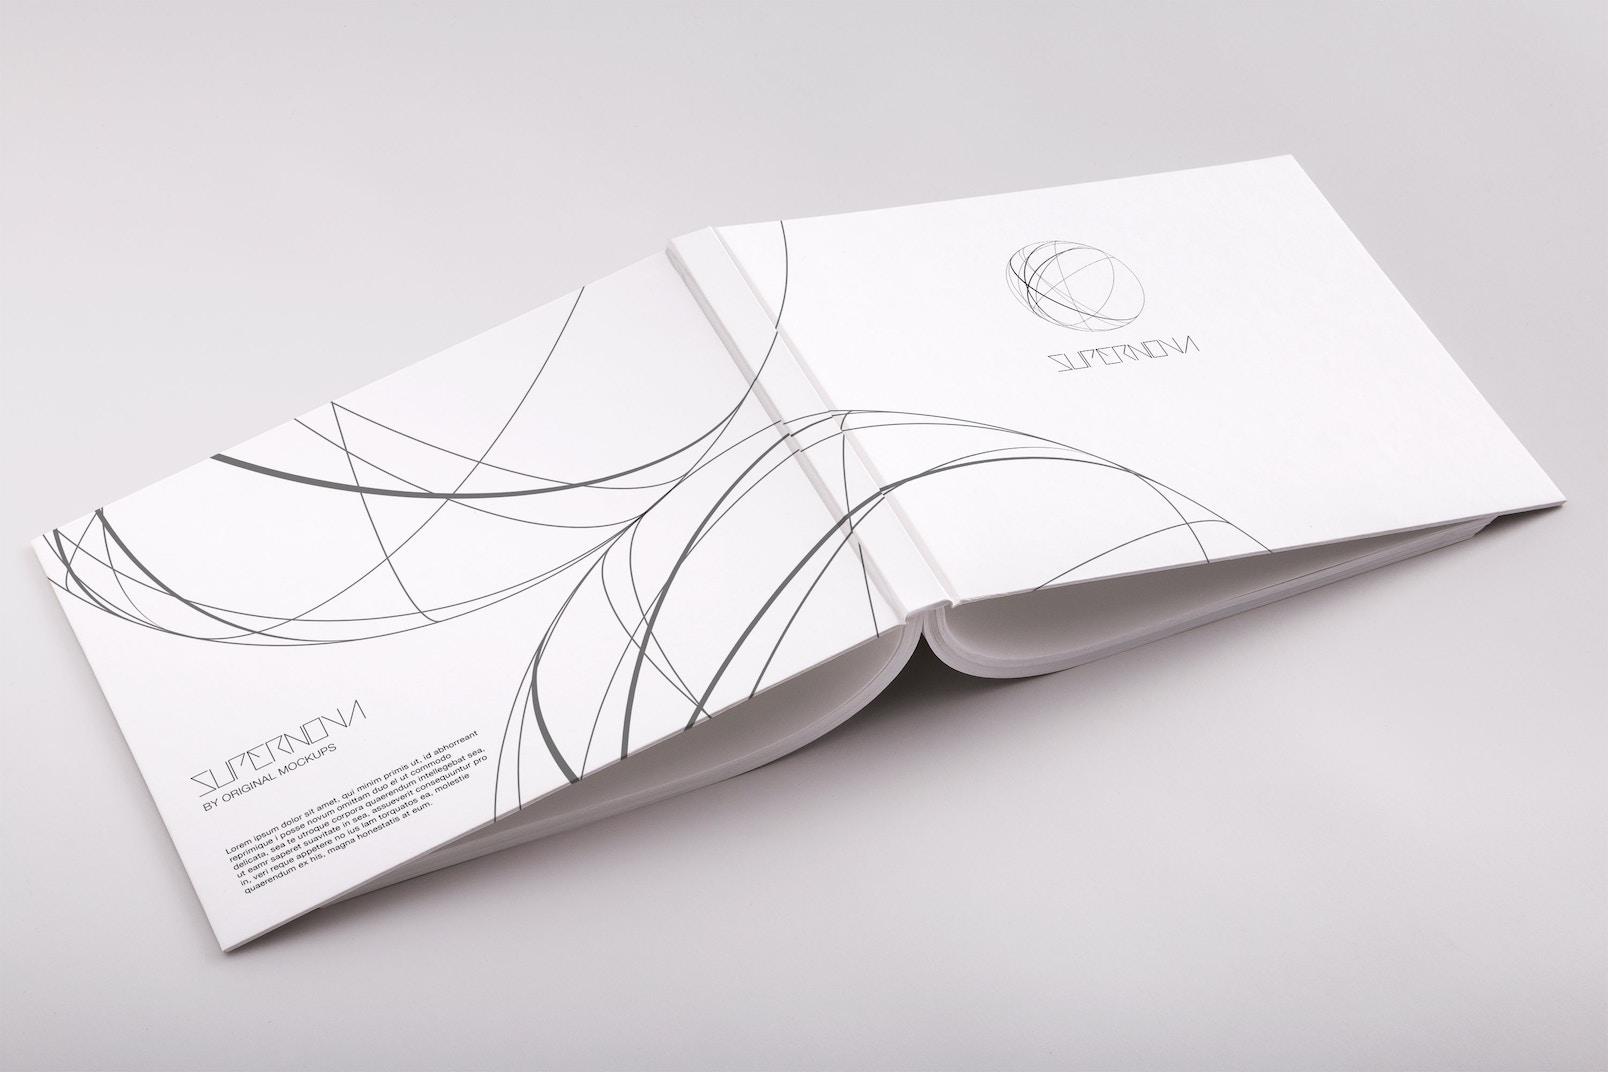 Hardcover Standard Landscape Book PSD Mockup 04